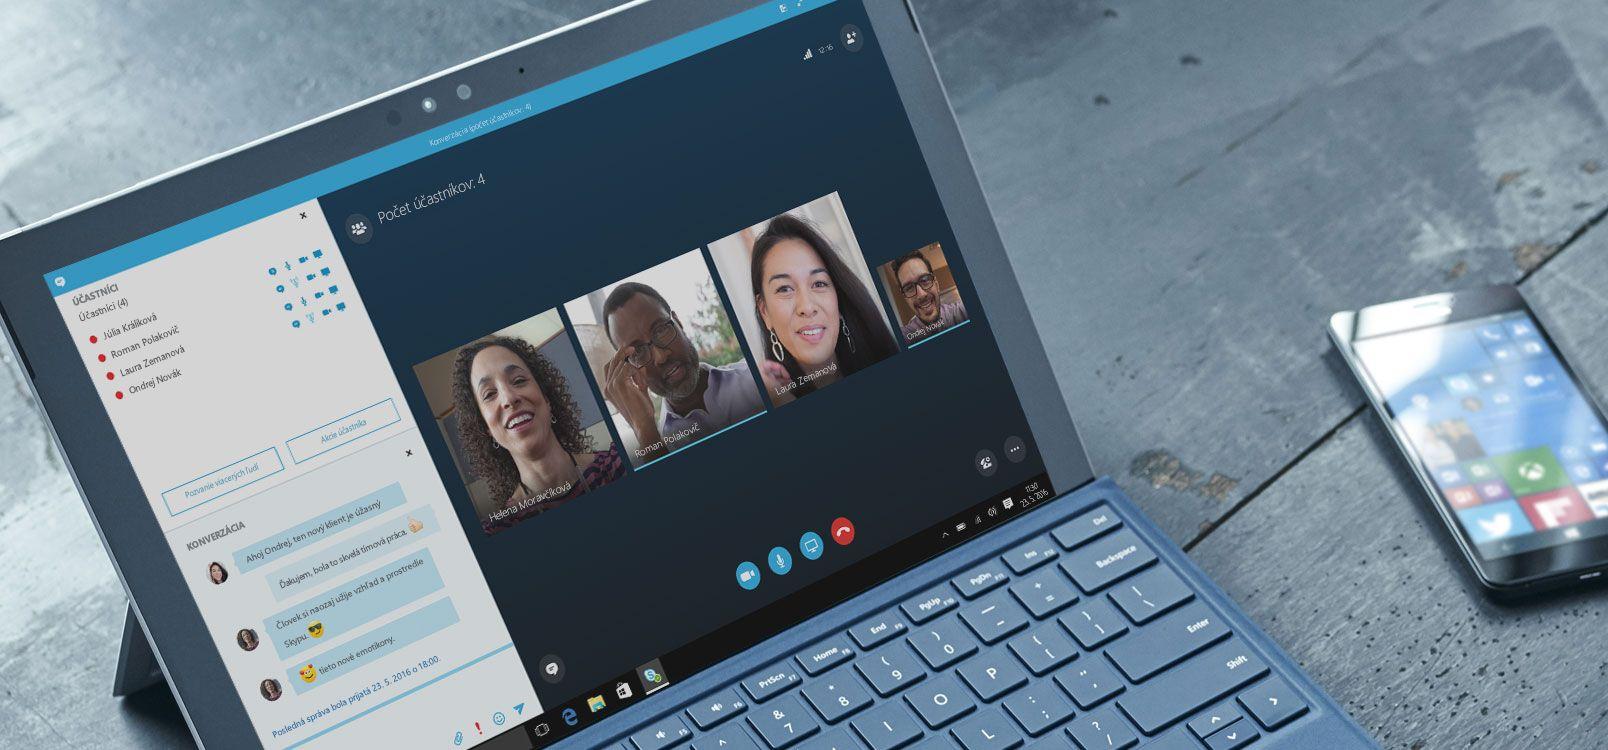 Žena používajúca služby Office 365 vtablete asmartfóne na spoluprácu na dokumentoch.